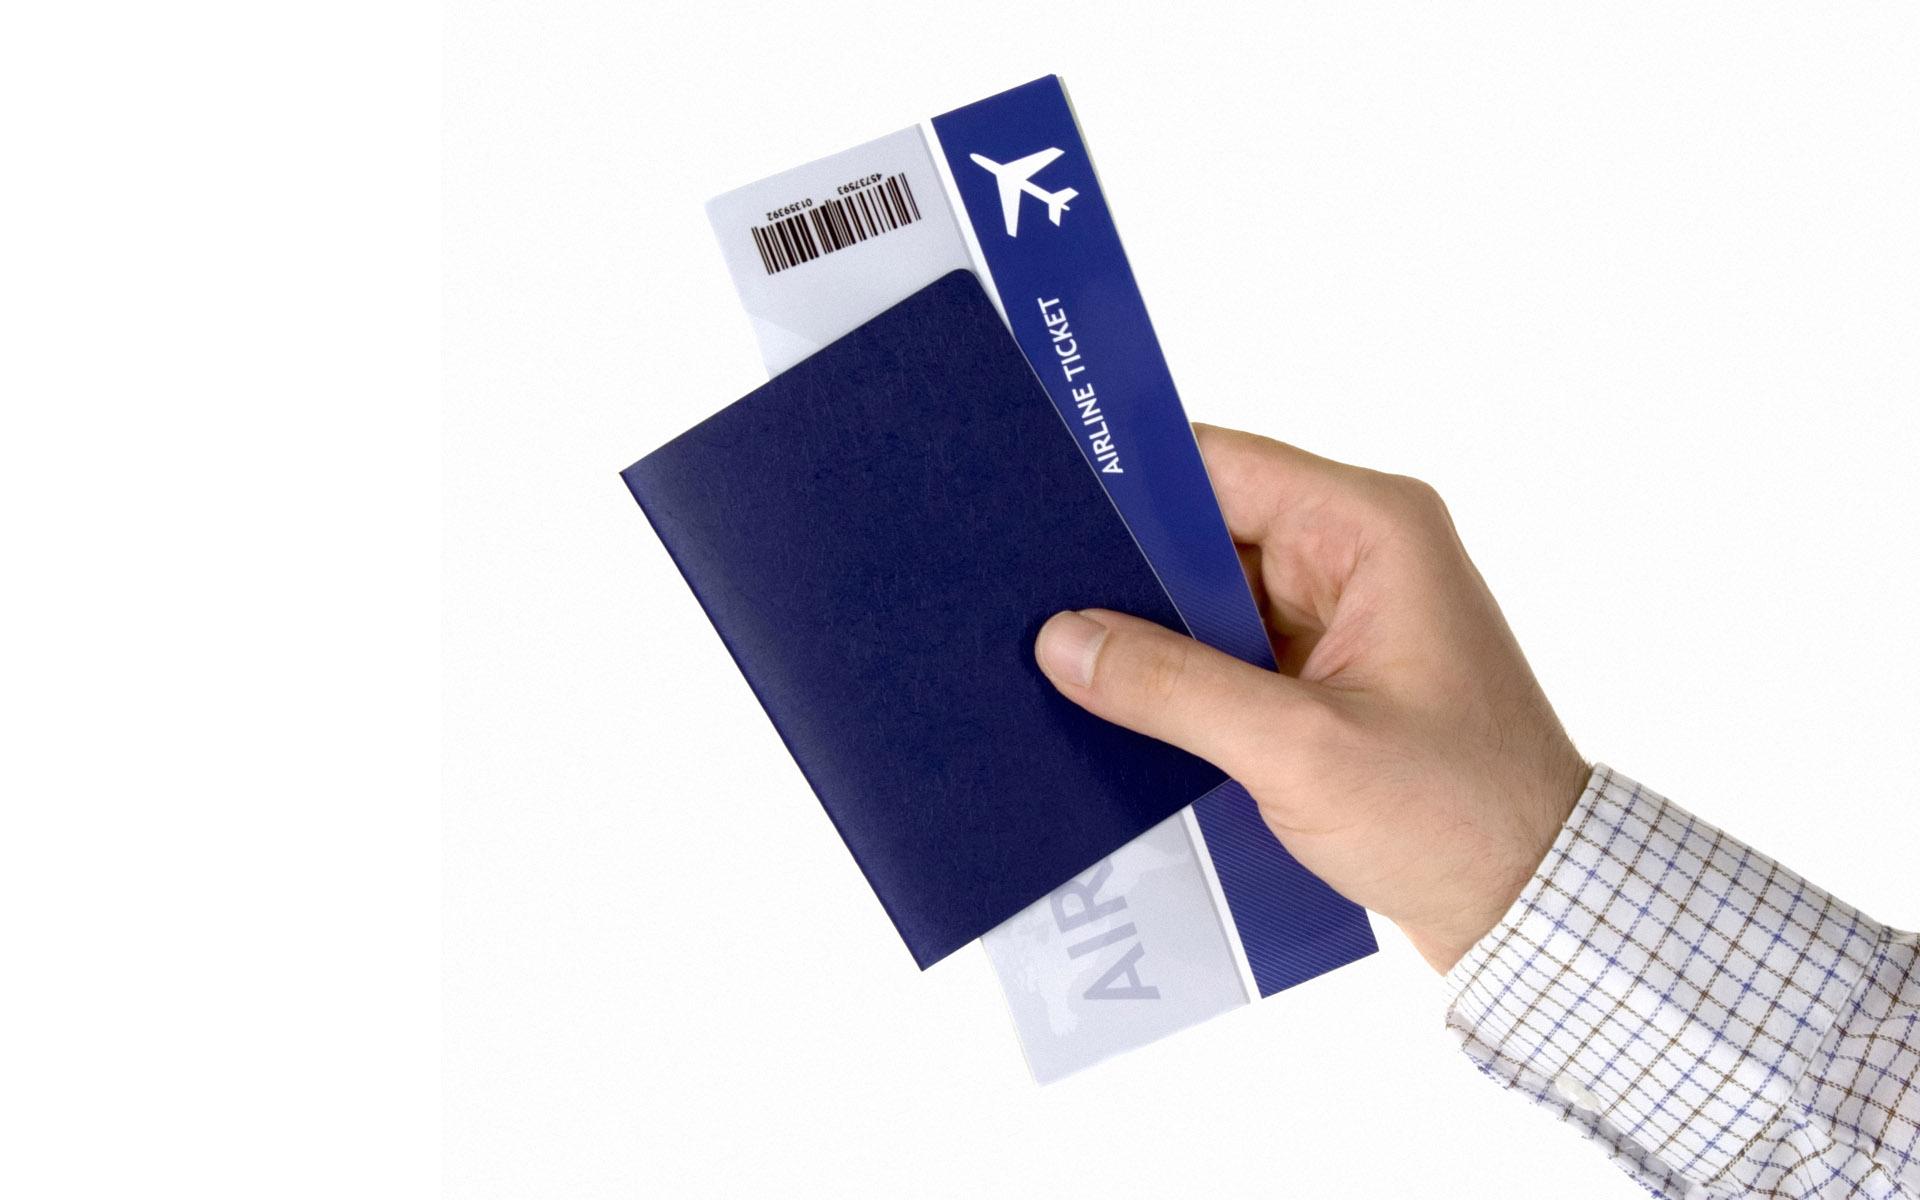 Билет на самолет в руке фотография билеты на самолет ростов на дону кемерово